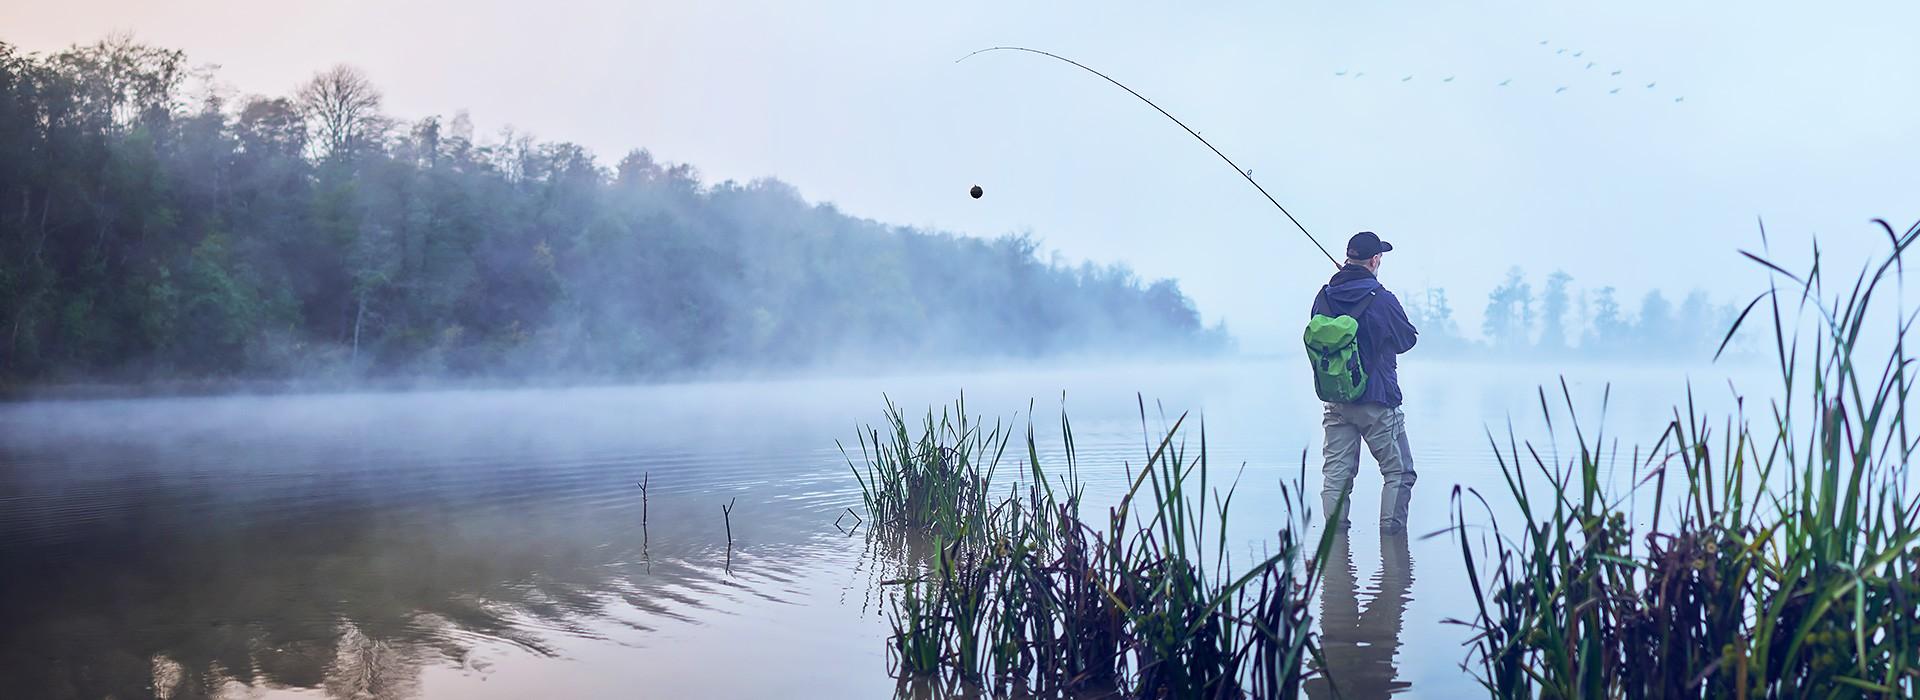 Valmista end eesootavaks kalapüügihooajaks etteAlusta nutikamat kalapüüki hinnaga vaid 189.99 €!